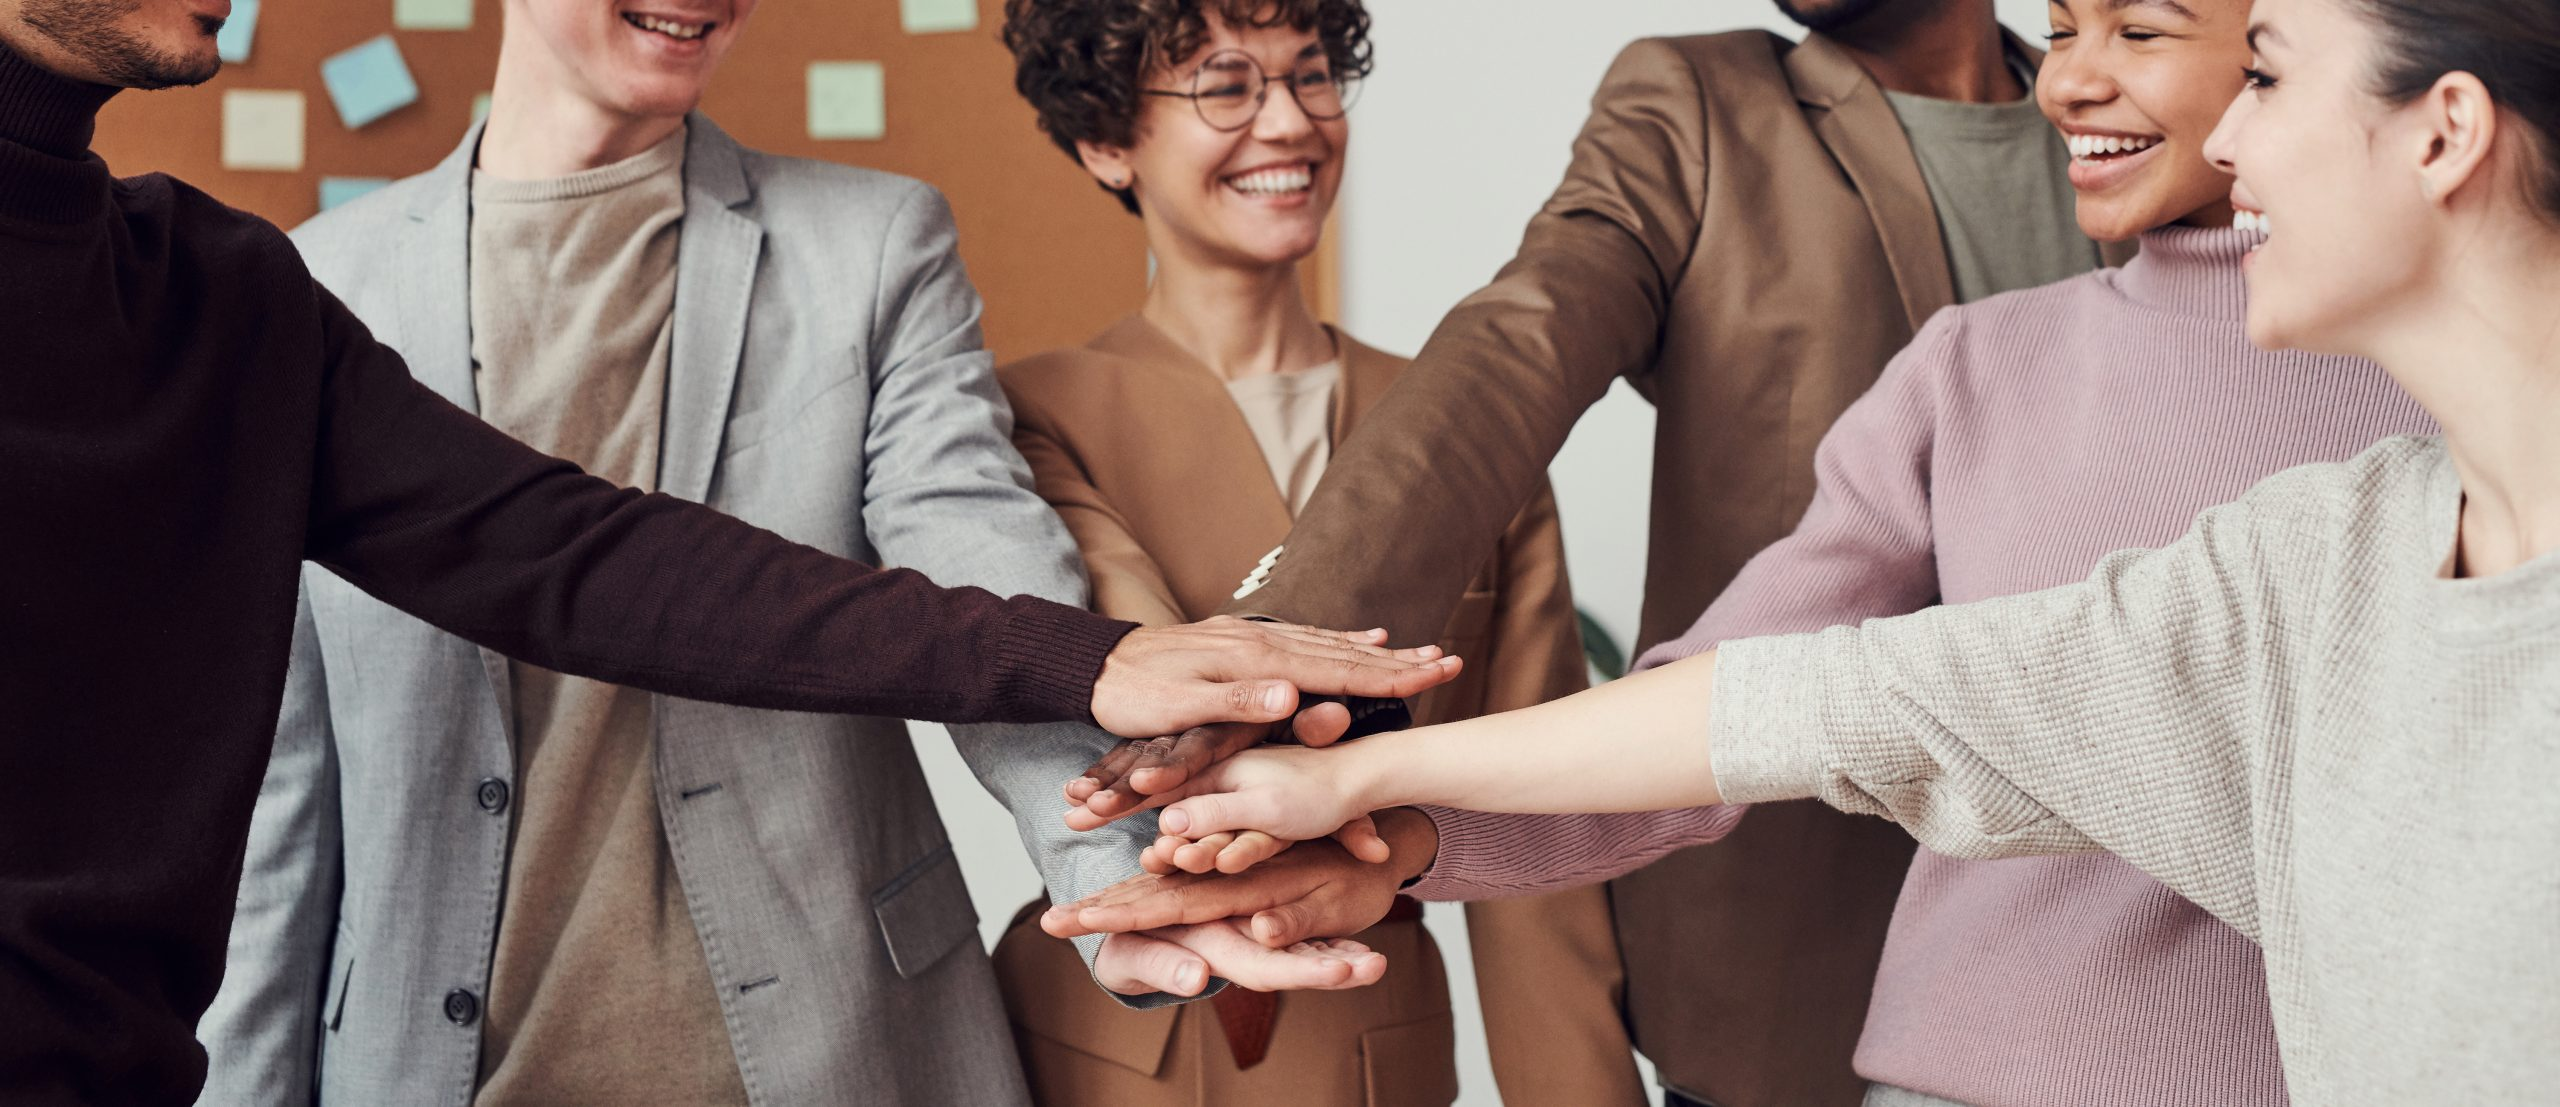 Giữ văn hóa doanh nghiệp là yếu tố cốt lõi để phát triển